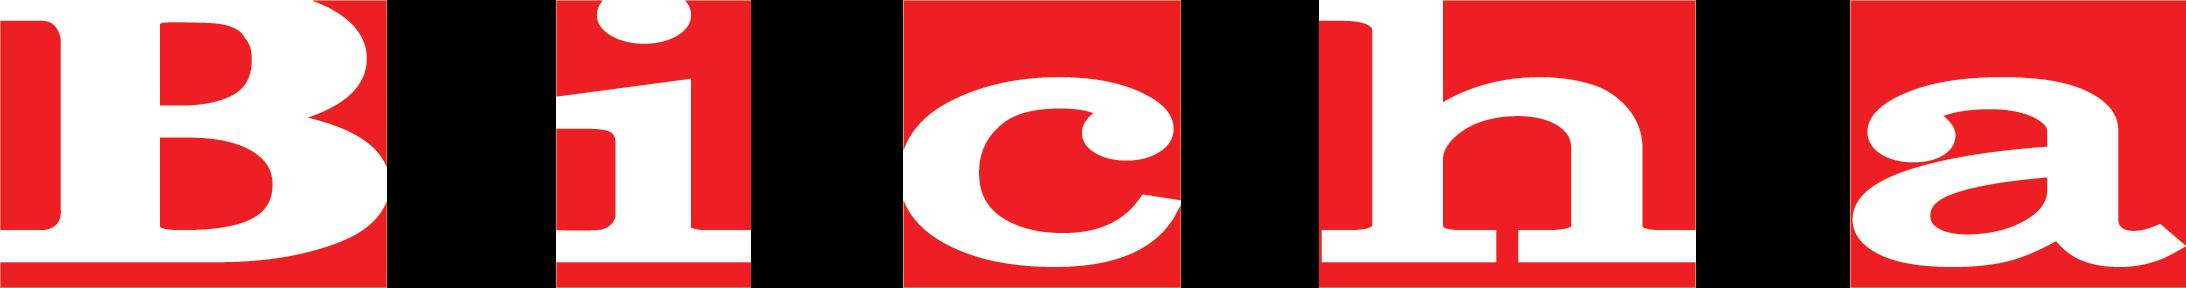 Bicha boutique de vêtements pour femmes - Logo